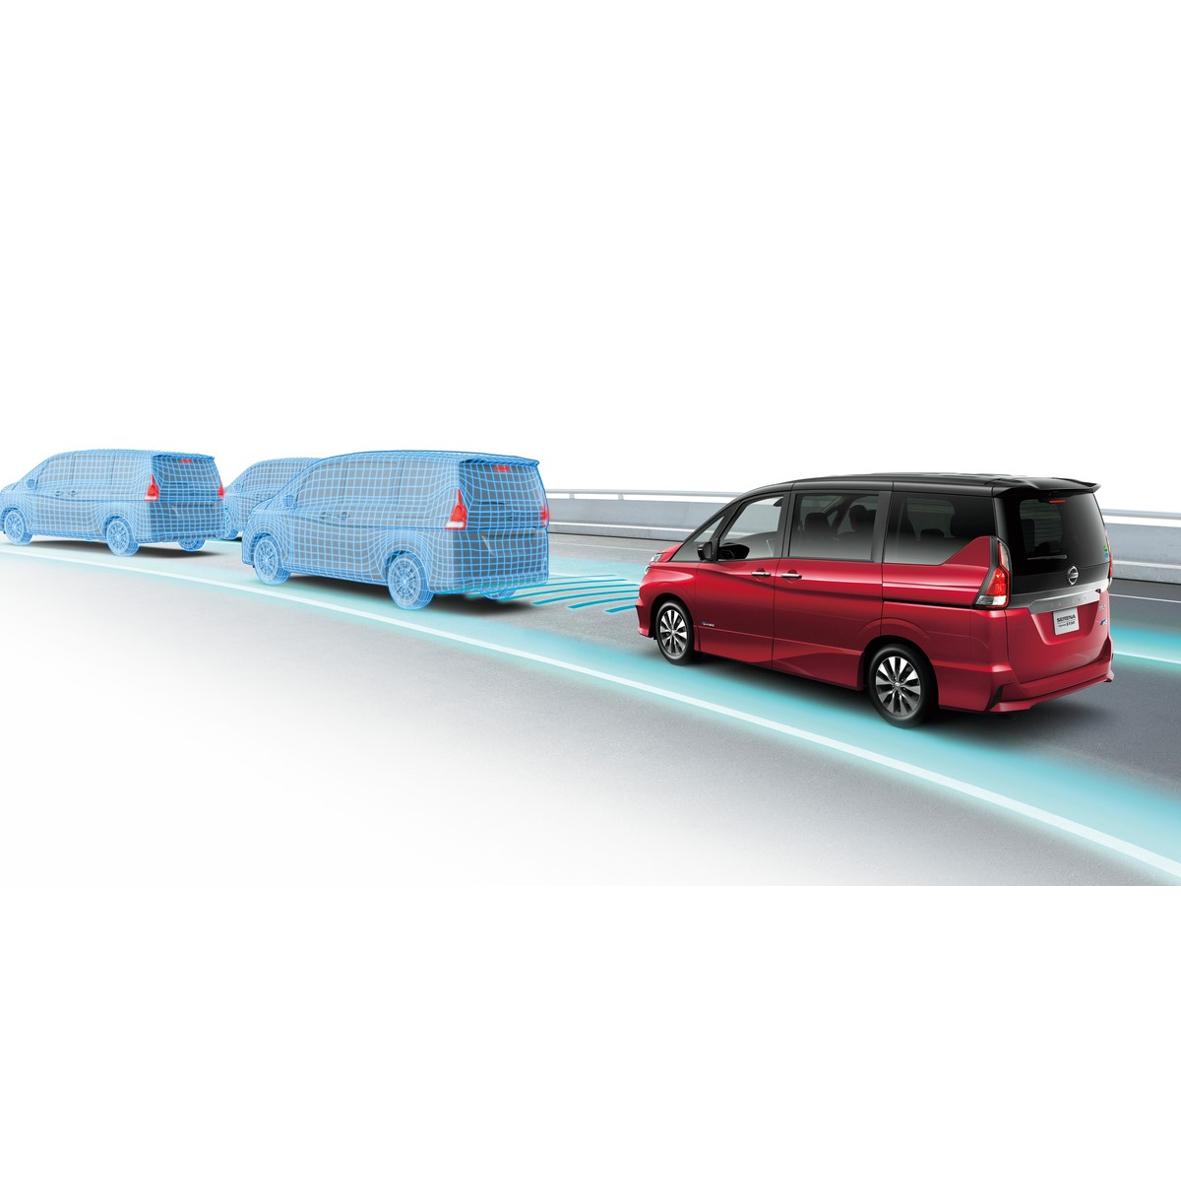 """mid Groß-Gerau - Autonom über die Autobahn: Im neuen Serena debütiert Nissans """"Autopilot light"""", der nicht nur automatisch beschleunigt und bremst, sondern auch lenkt."""